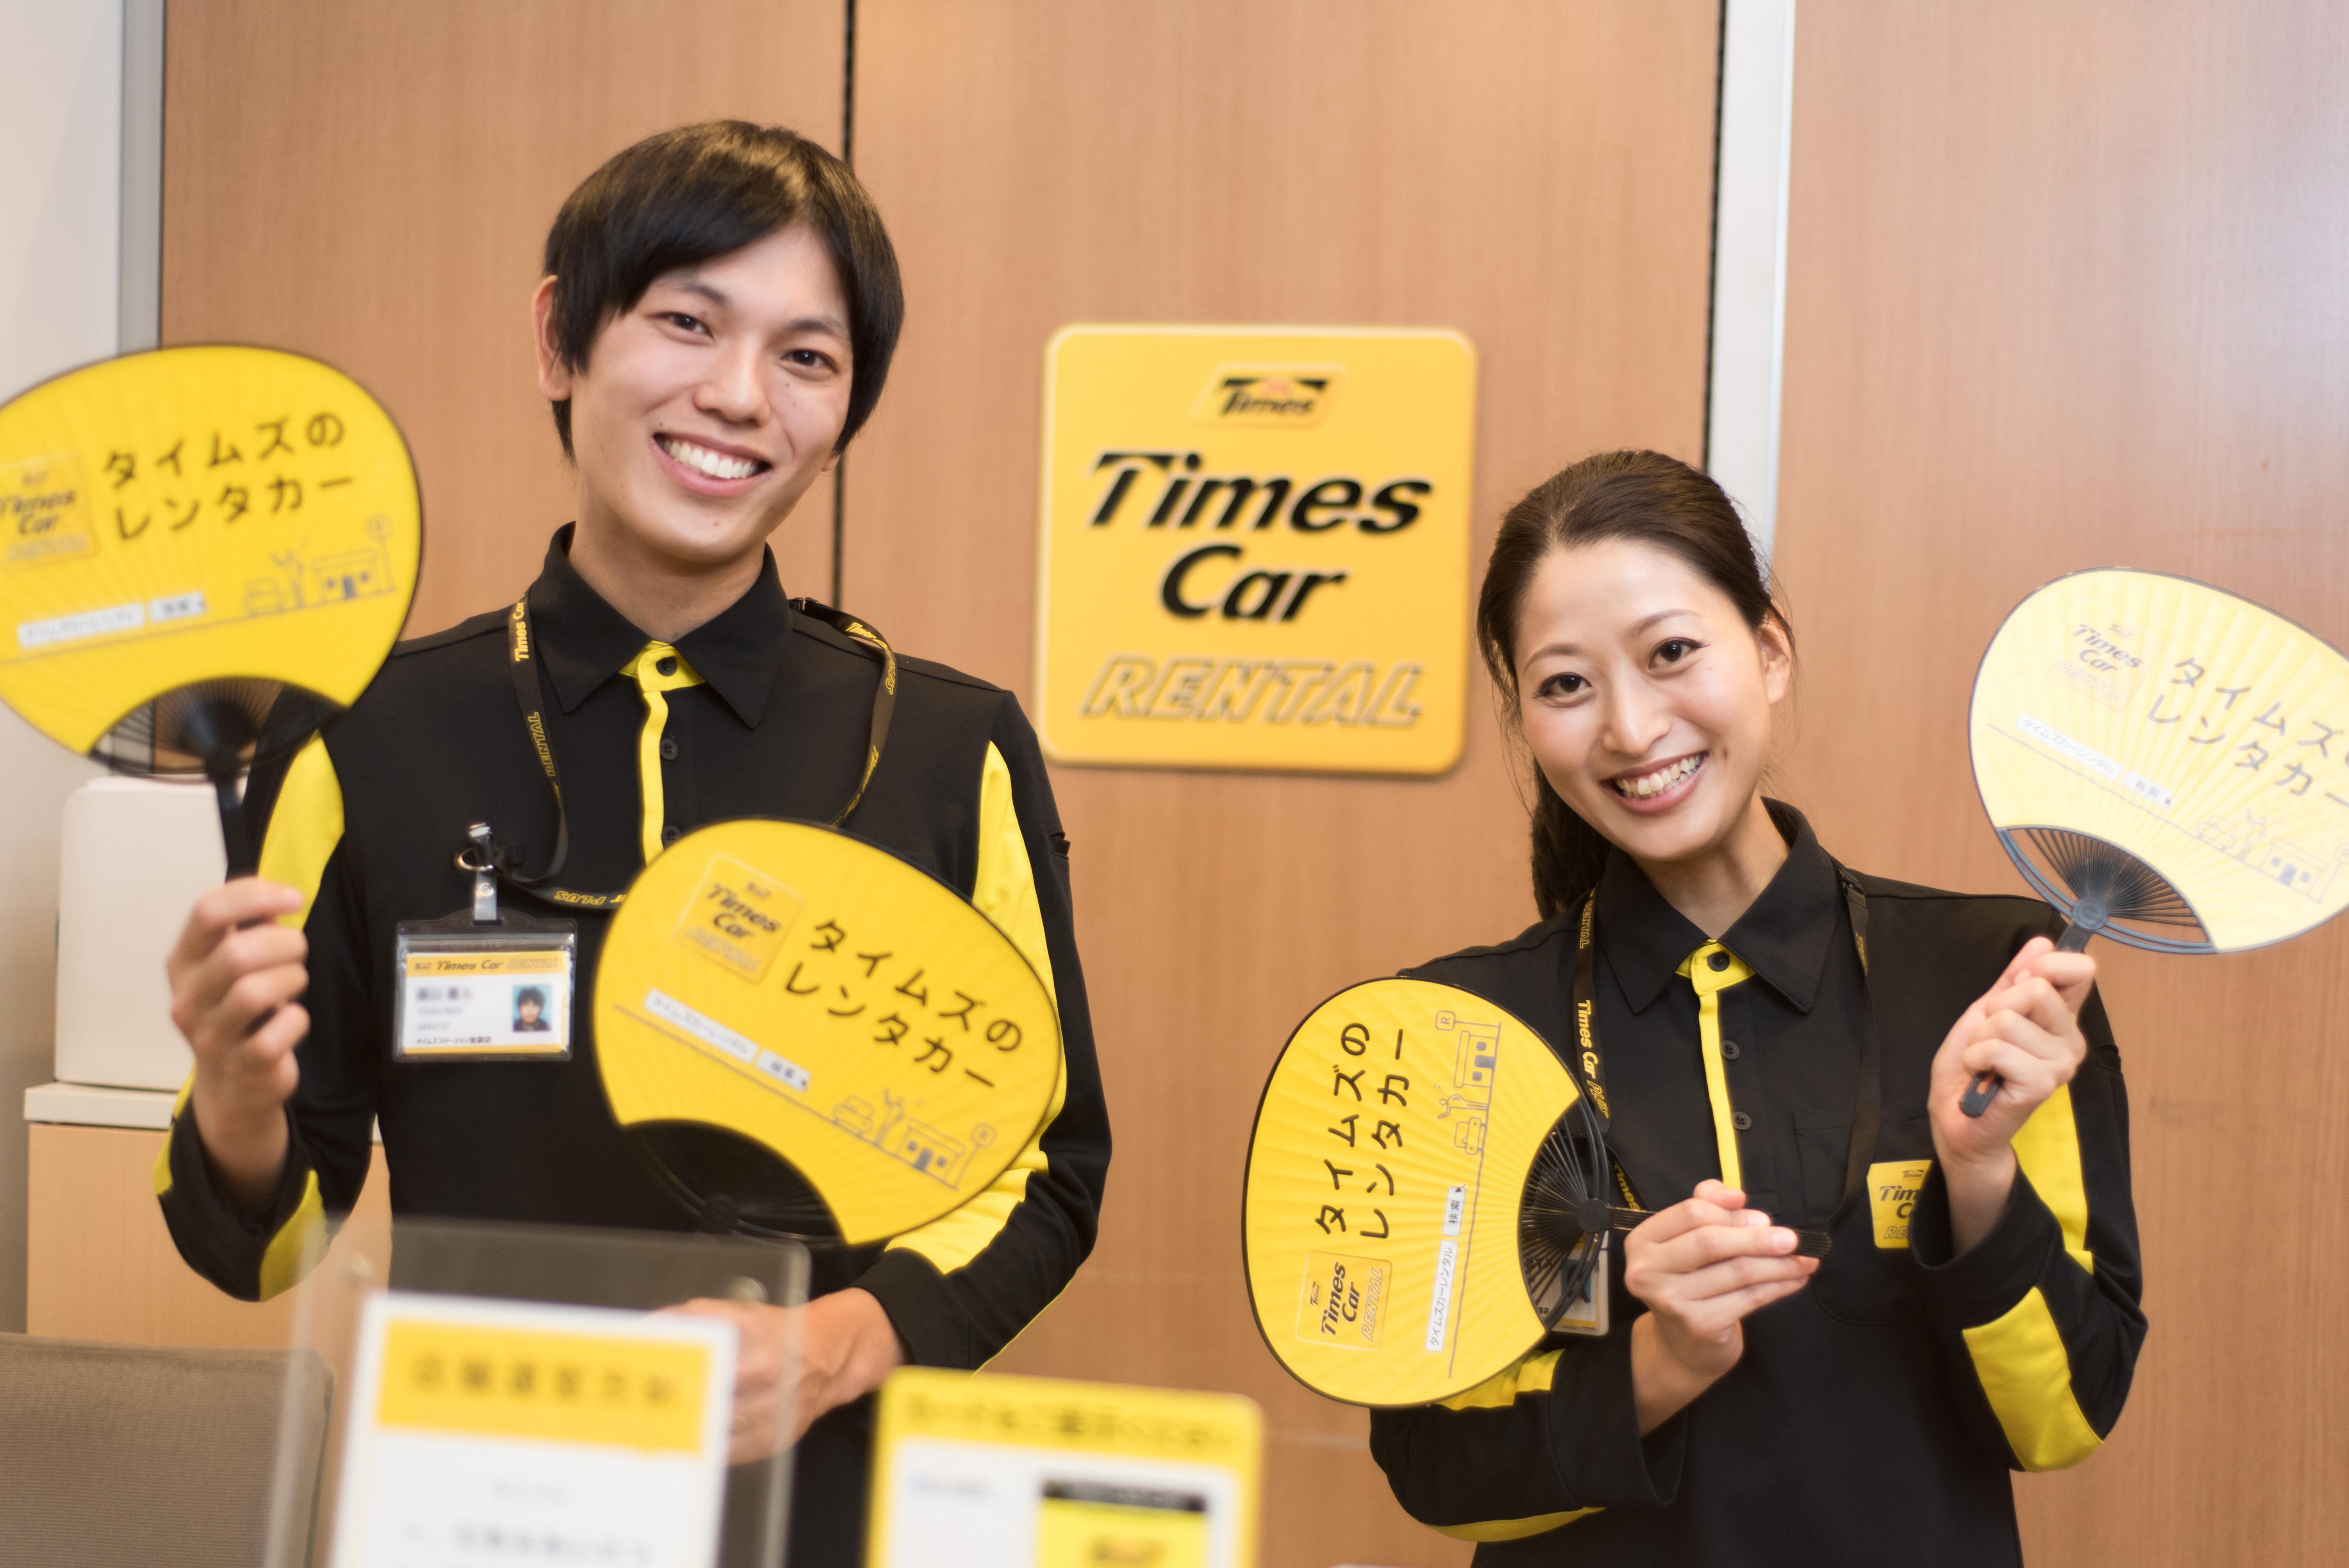 タイムズカーレンタル 一関駅前店 のアルバイト情報